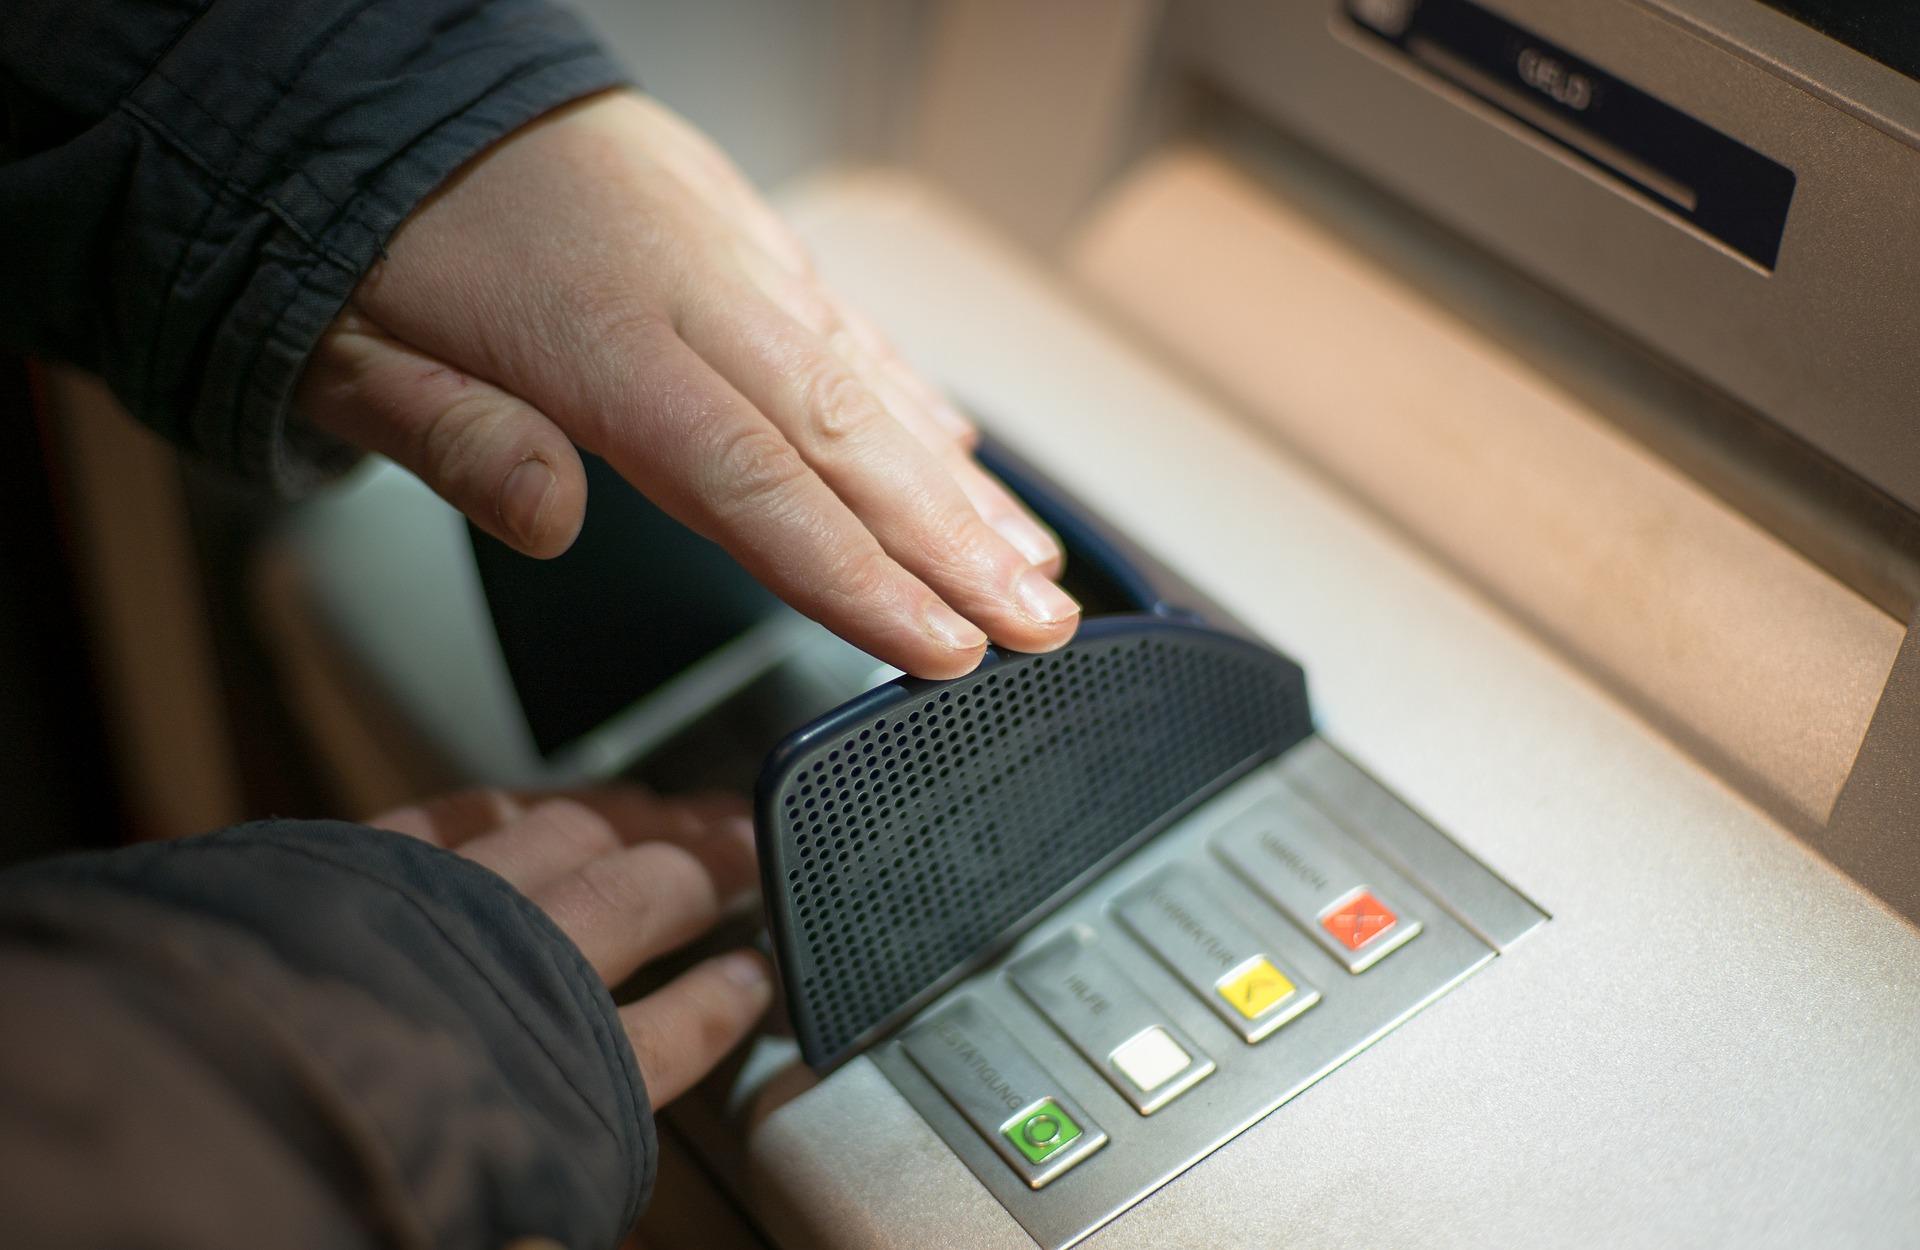 Einbruch in Geldinstitut: Geldautomat aufgebrochen